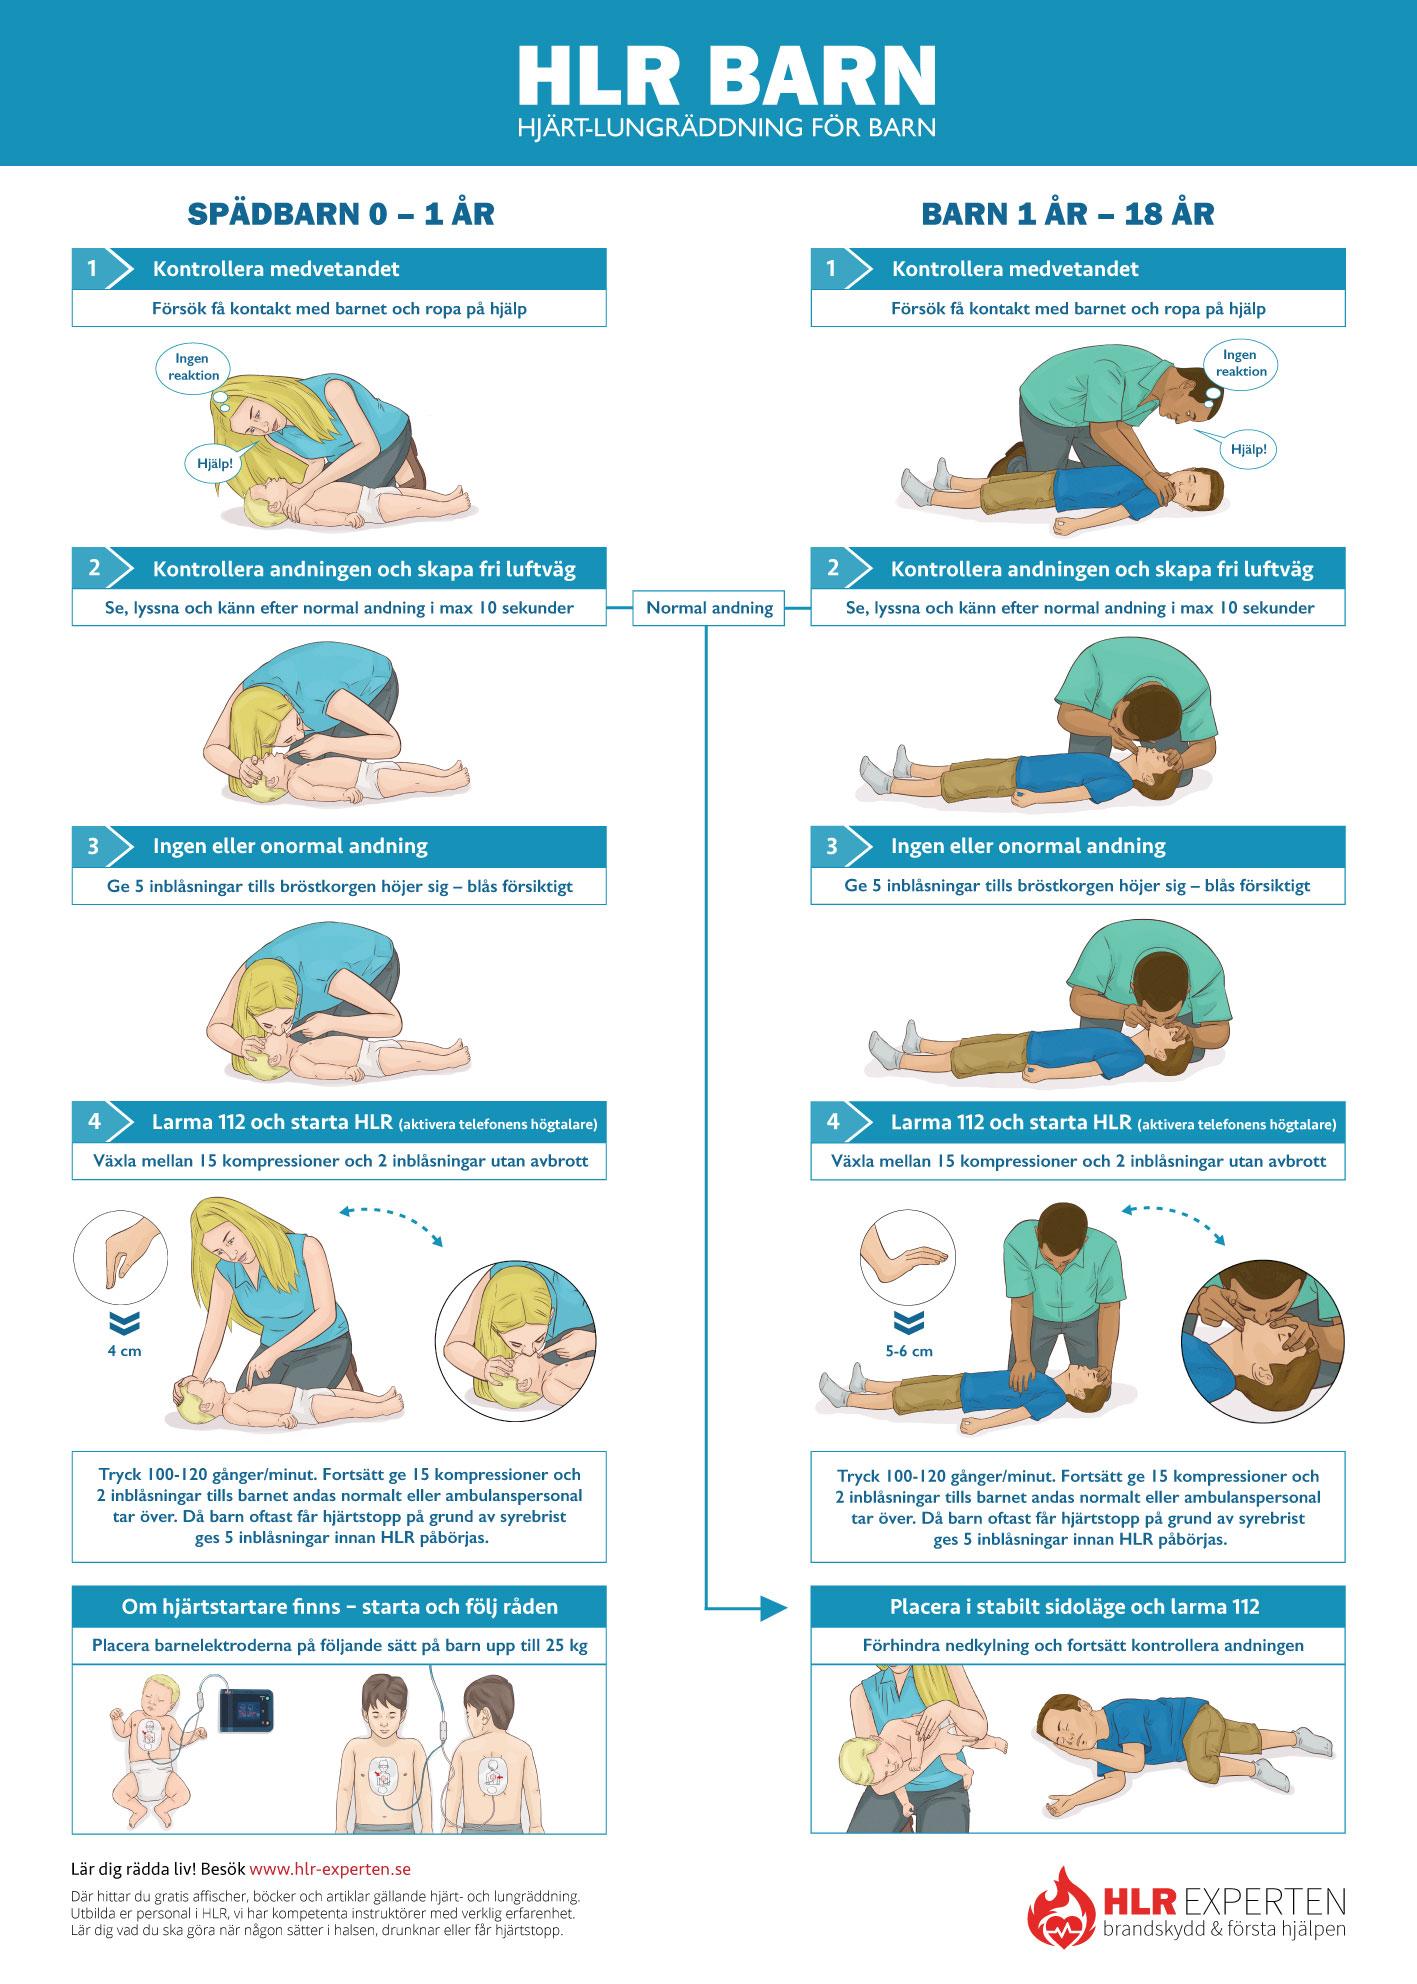 HLR affisch - Bilden visar handlingsplanen för Barn HLR - Illustration: Wasim Hentati tel. 070-2736853 - HLR Experten